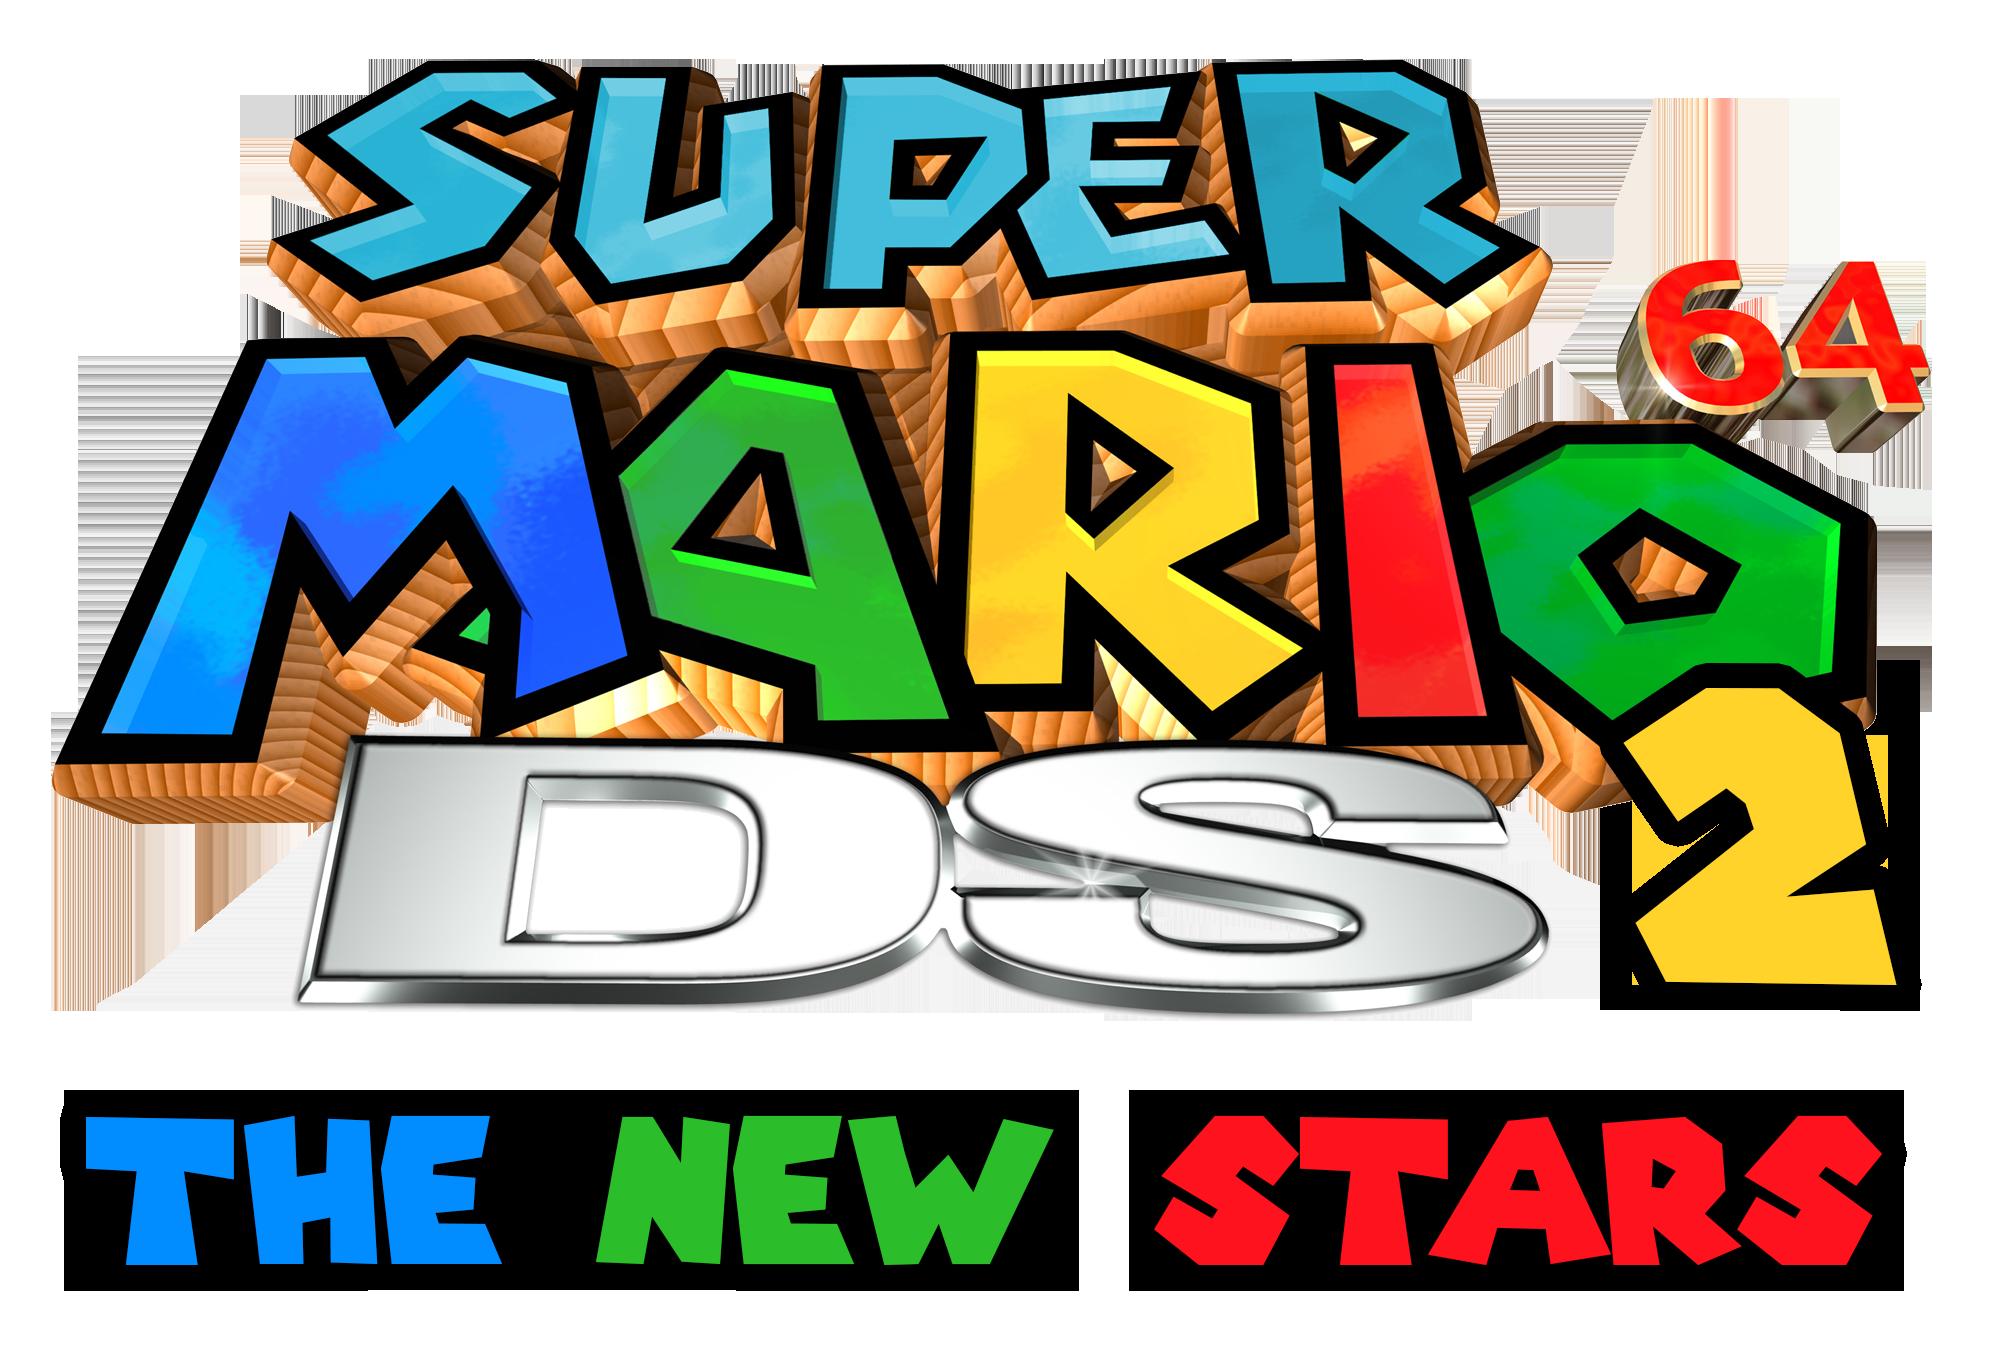 Super Mario 64 DS 2: The Next Journey | Super Mario 64 Hacks